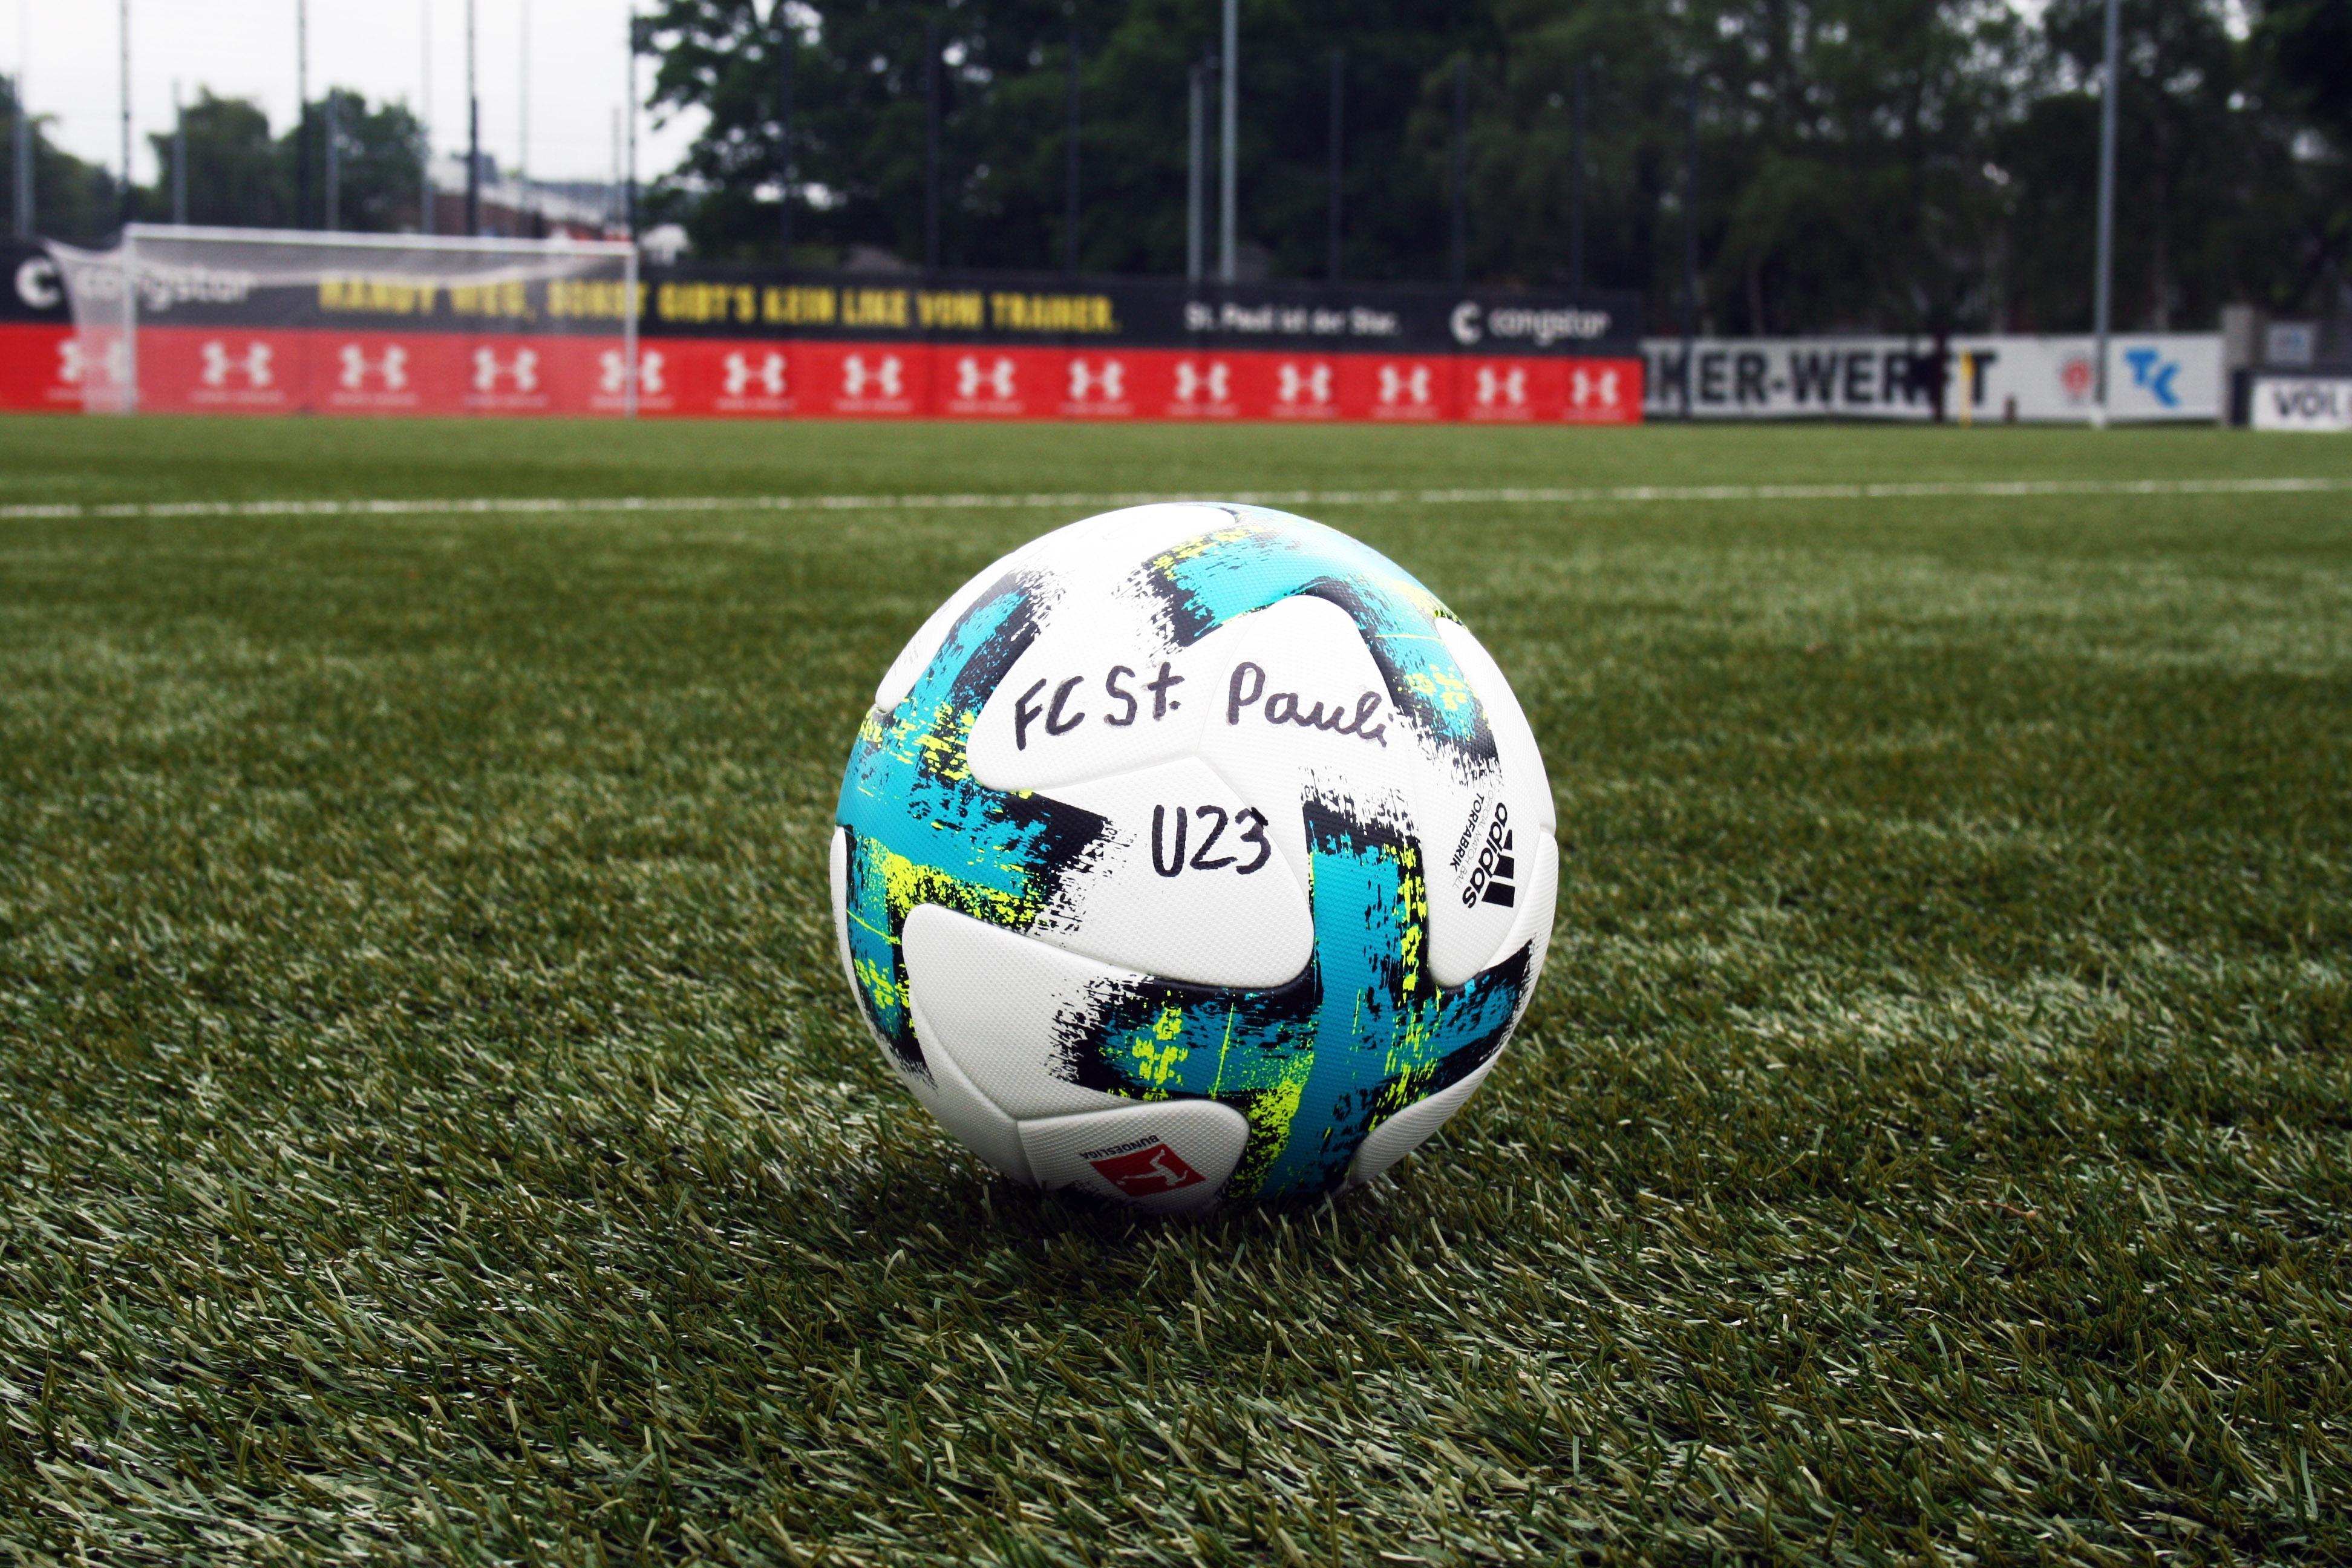 Absagenflut wirbelt U23-Spielplan durcheinander